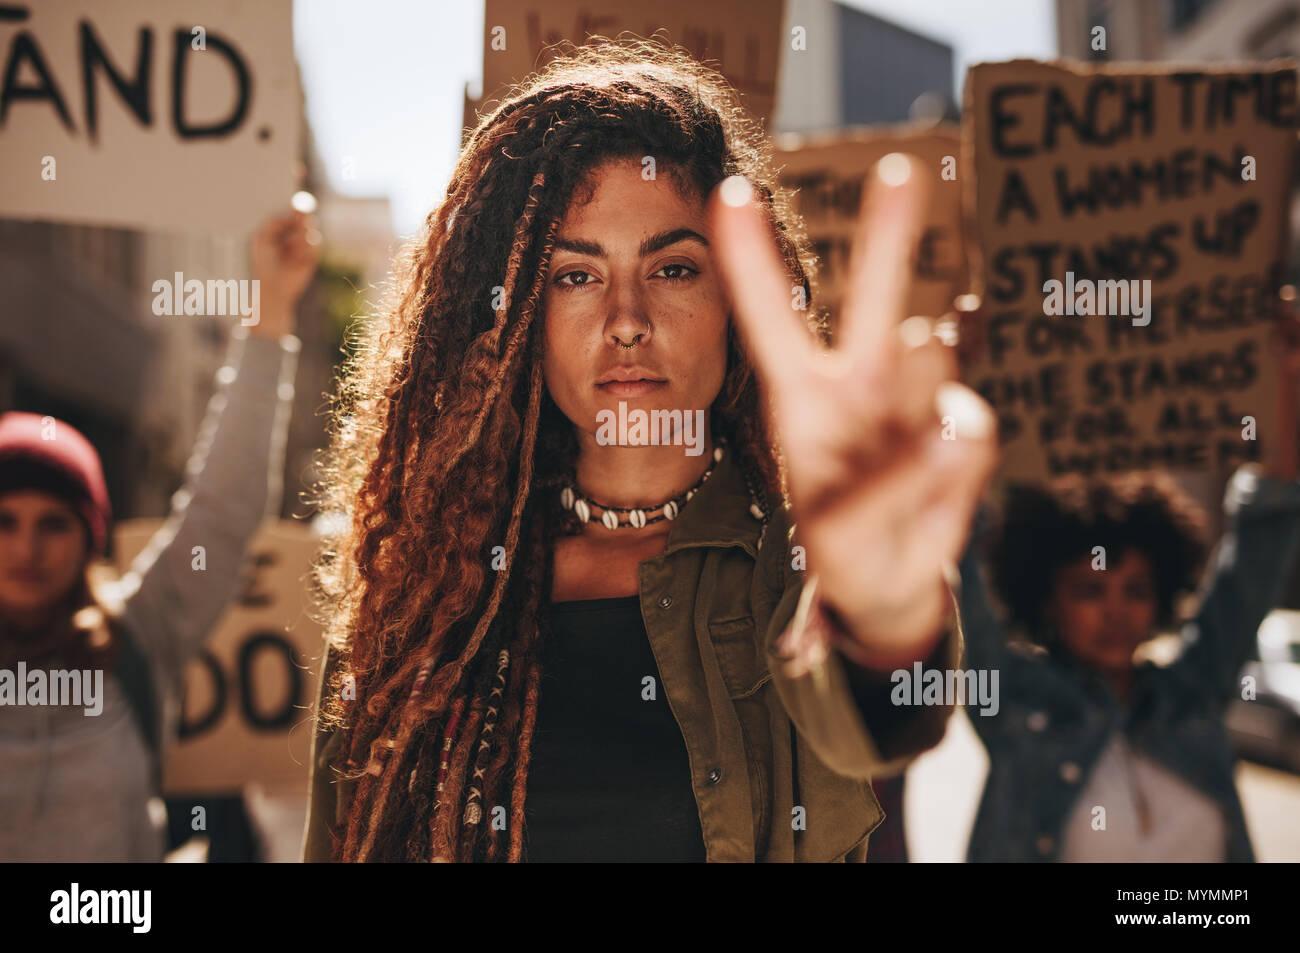 Femme montrant un signe de paix au cours de la protestation. Femme avec groupe de femelles qui protestaient à l'extérieur, sur la rue de la ville. Photo Stock